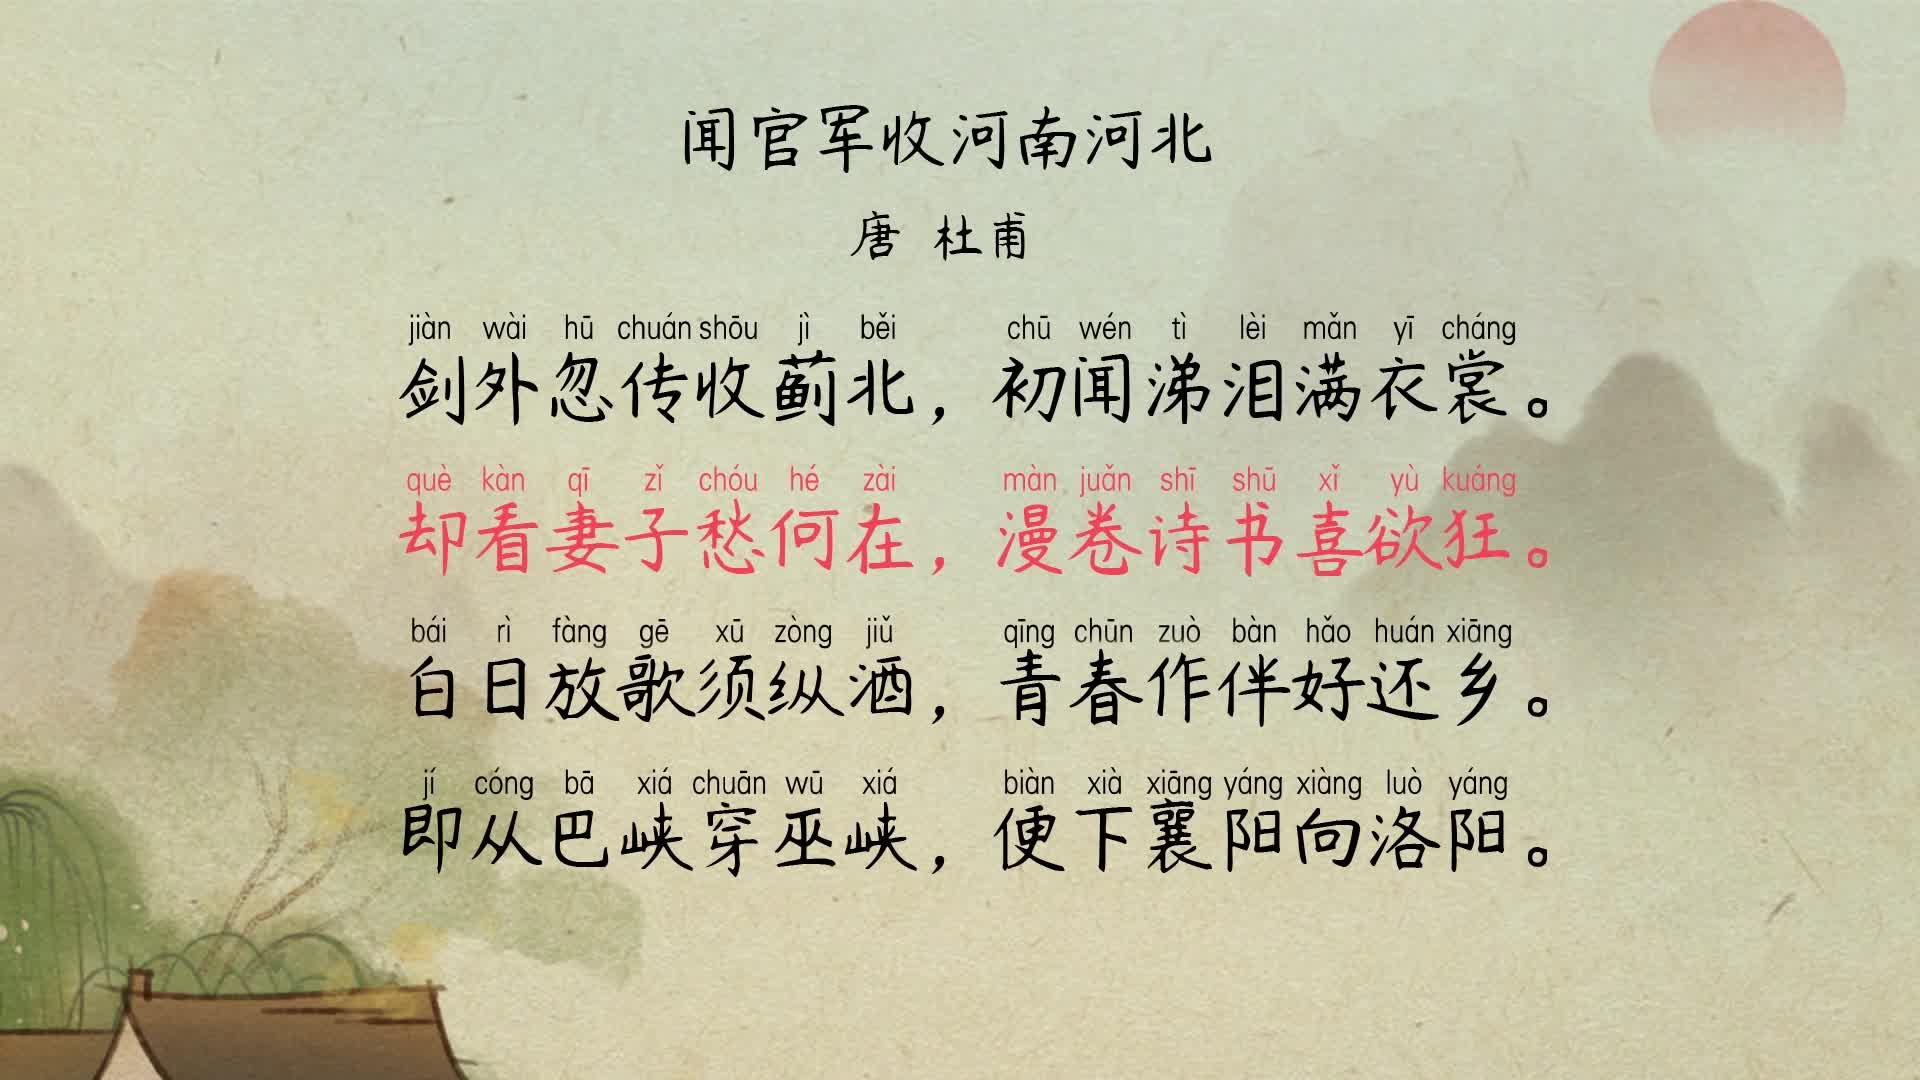 《小学古诗》111闻官军收河南河北-唐 杜甫